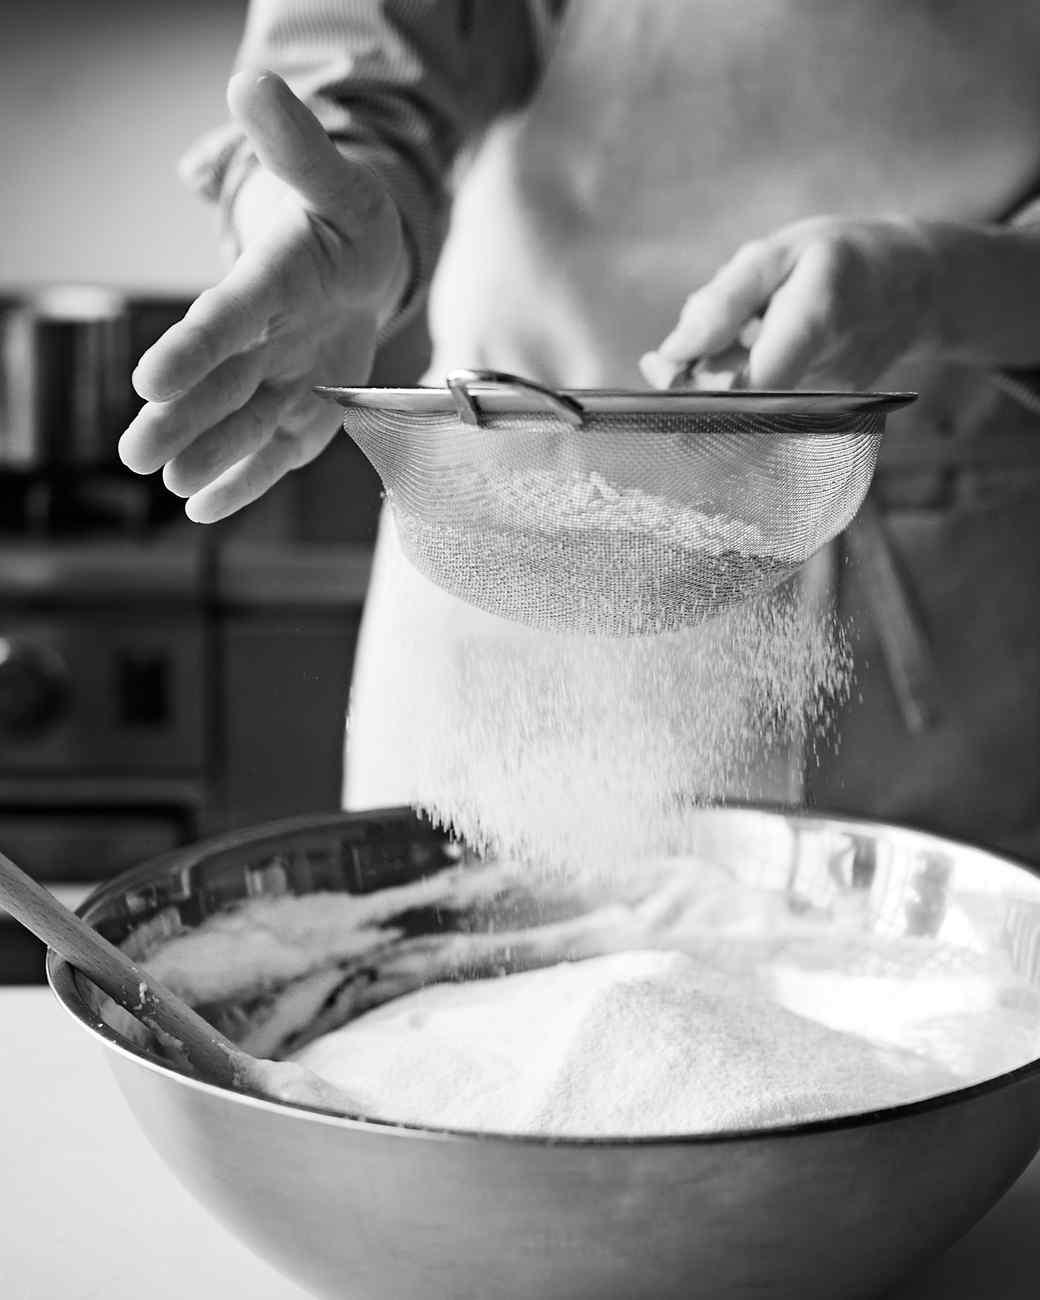 msl-kitchen-sponge-cake-0451-md110059.jpg